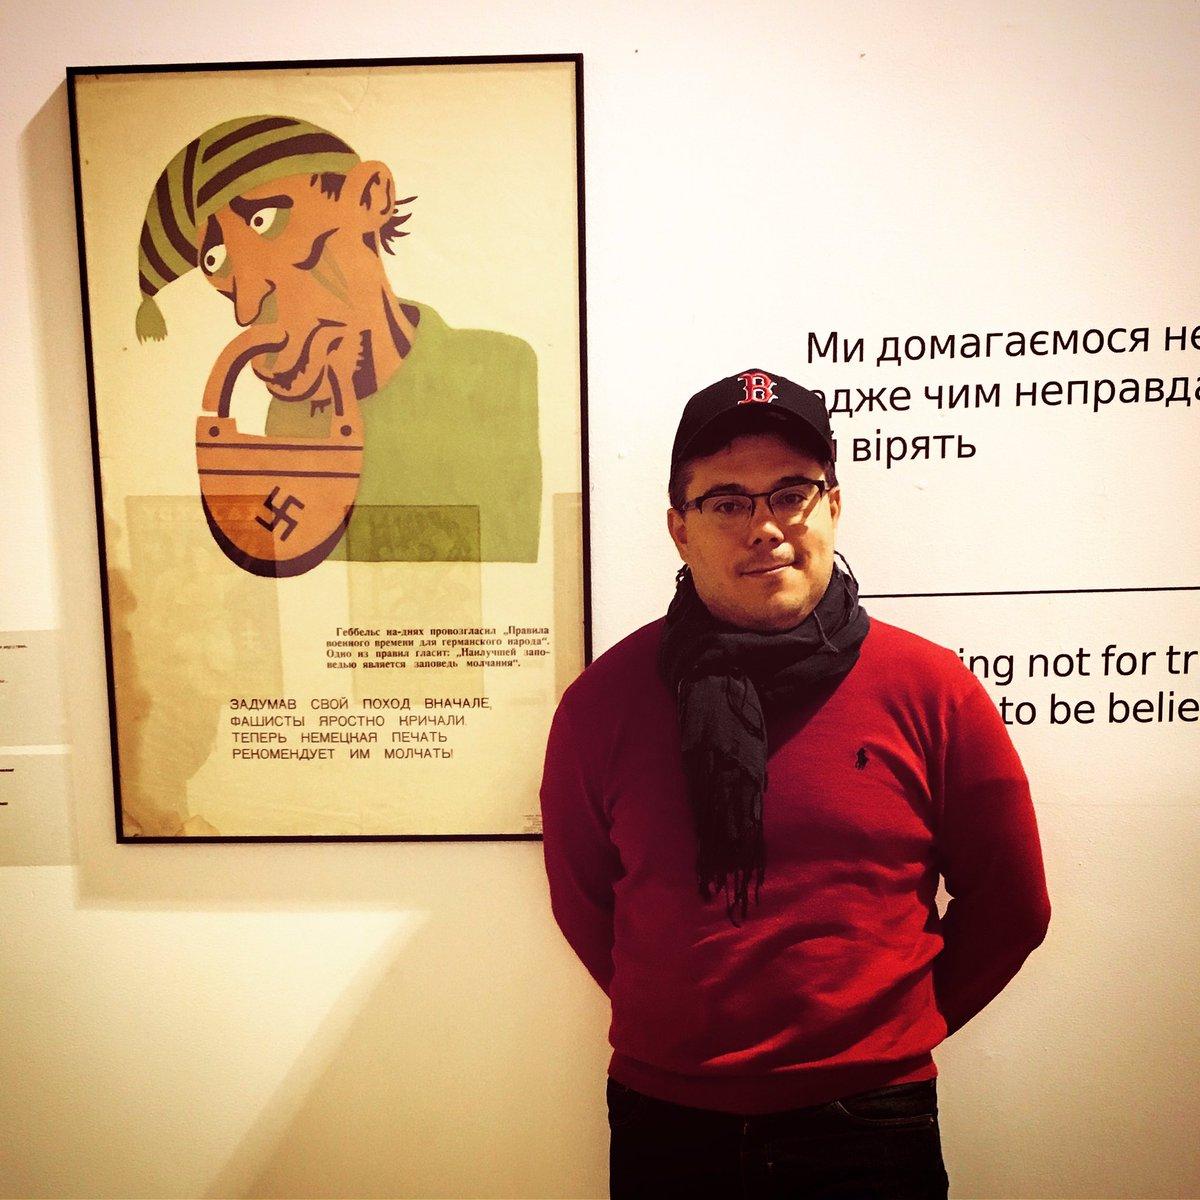 Яценюк в Брюсселе: Единственный рецепт для нас - вместе бороться против тех, кто хочет убить демократию в мире - Цензор.НЕТ 2778